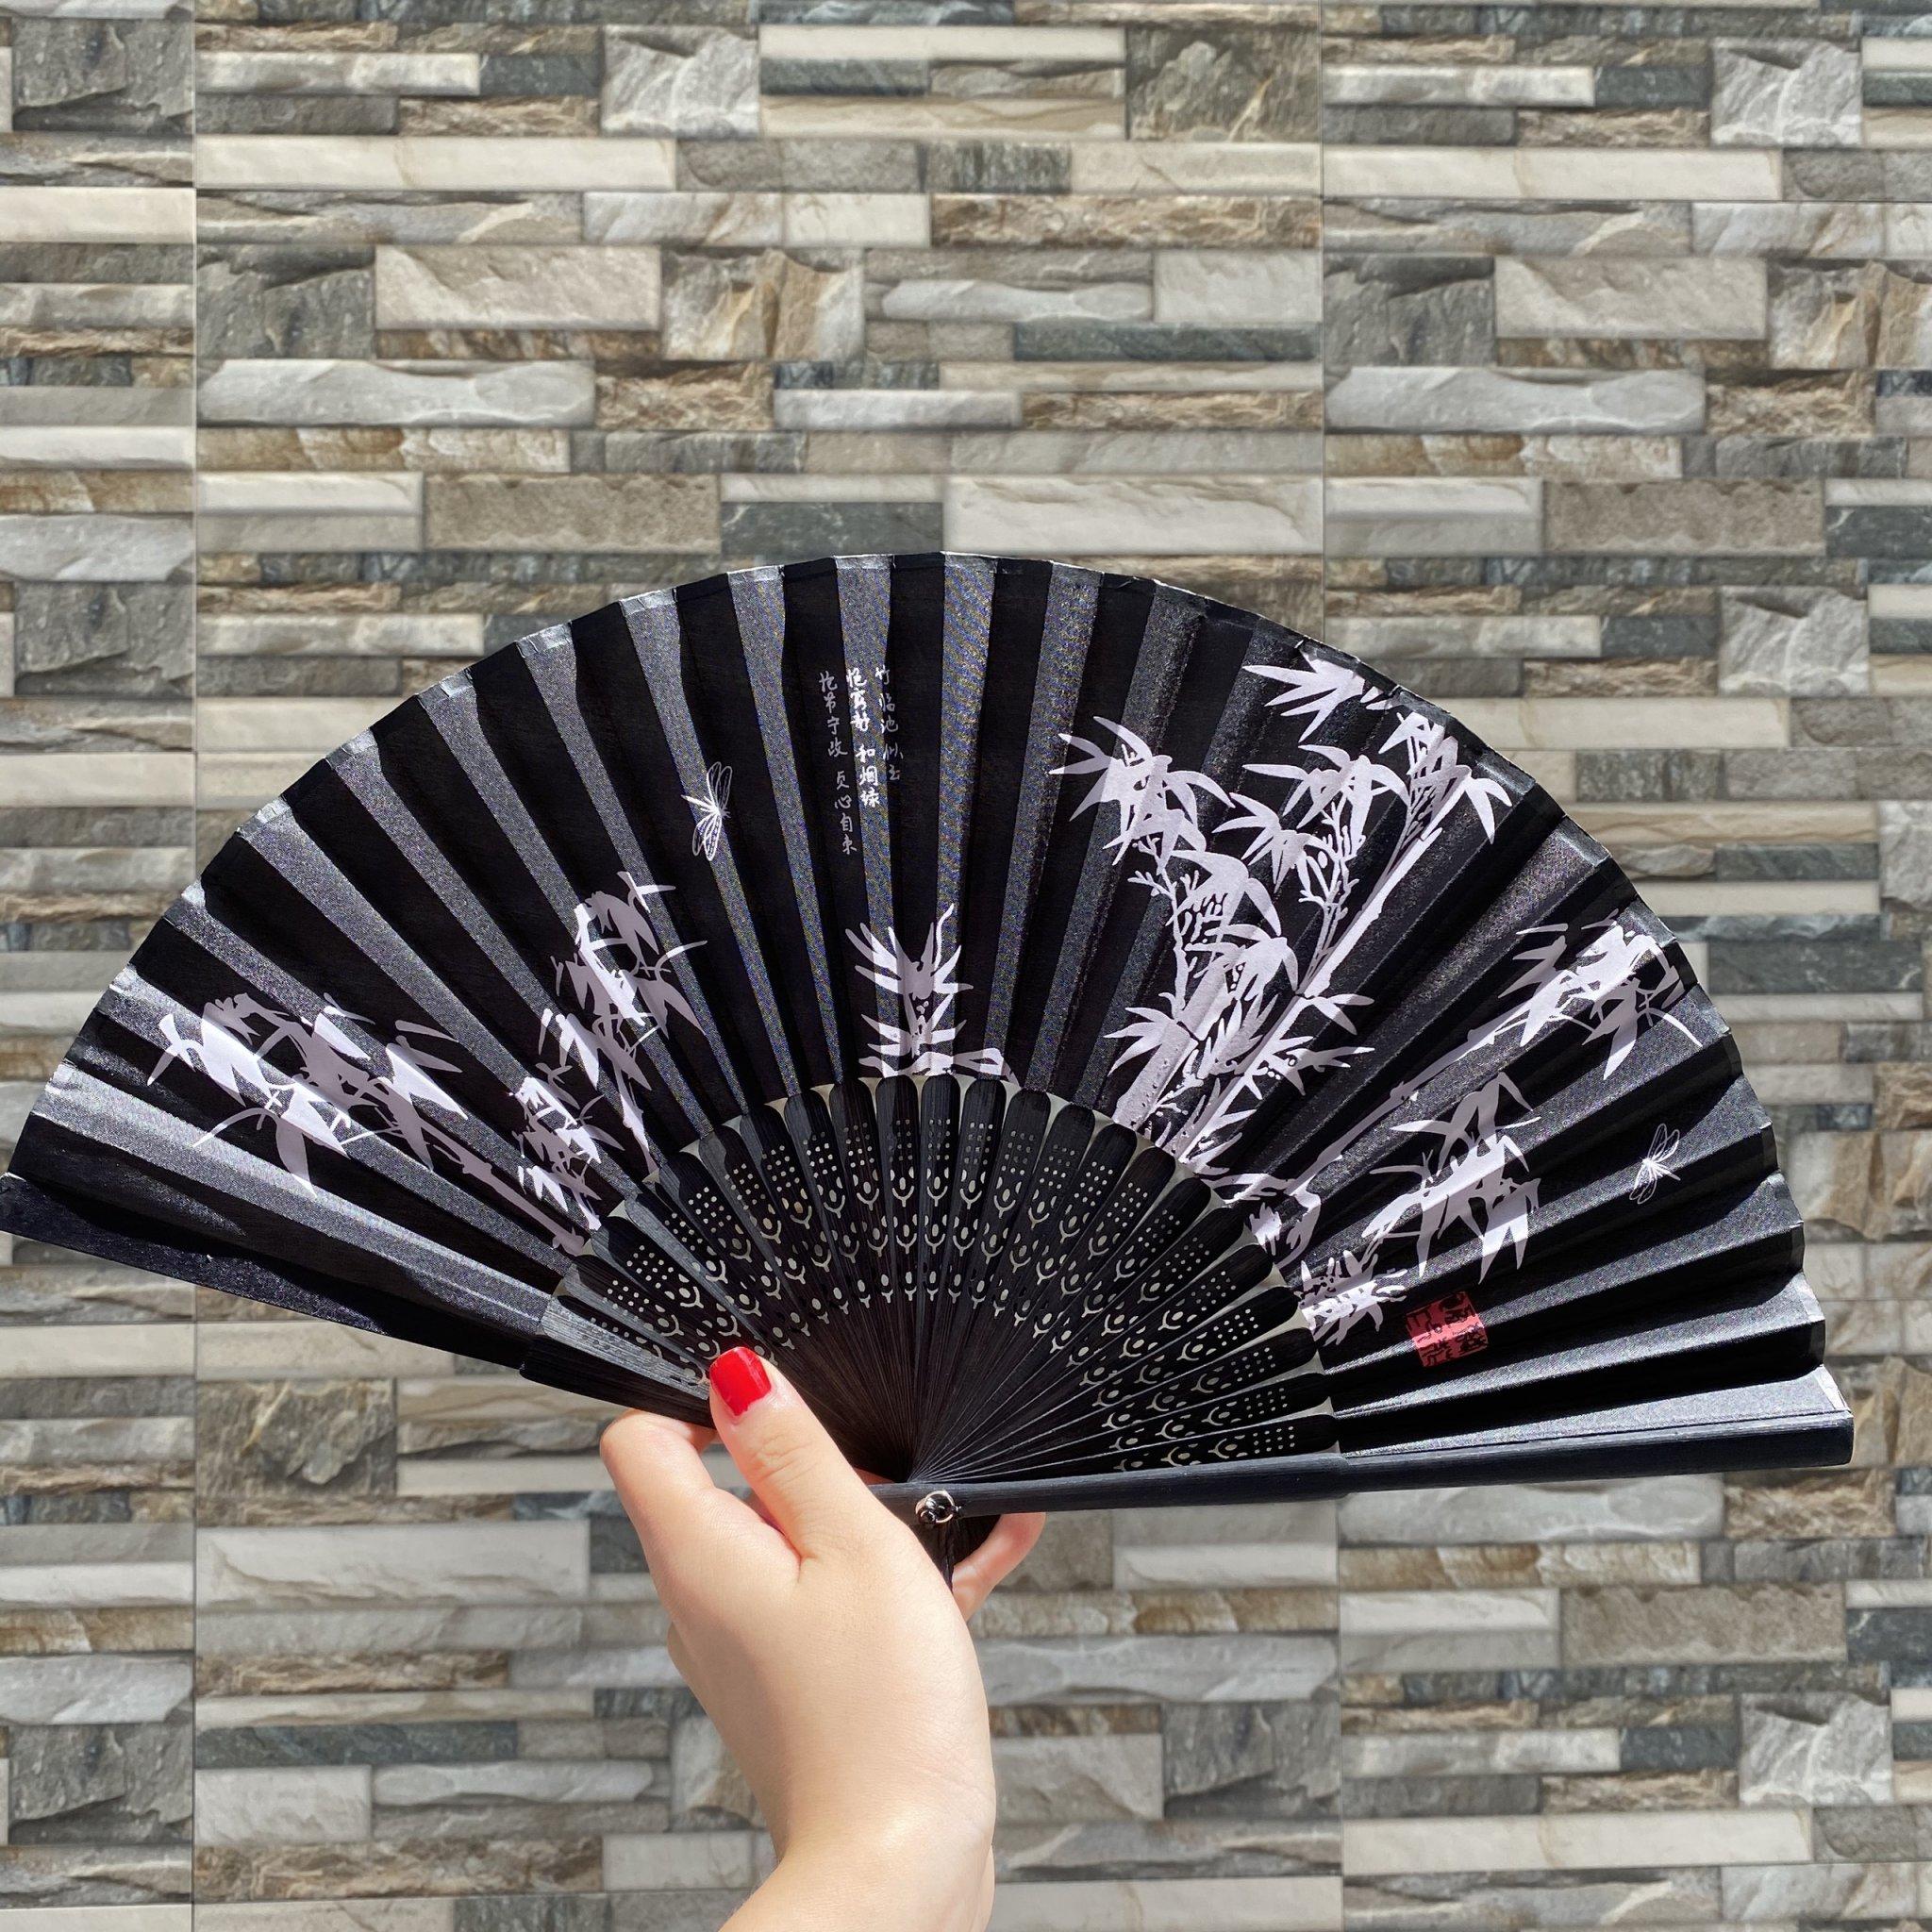 Quạt cổ trang dây tuyến TRÚC THƯ PHÁP ĐEN lụa xếp cầm tay phong cách Trung Quốc quà tặng xinh xắn